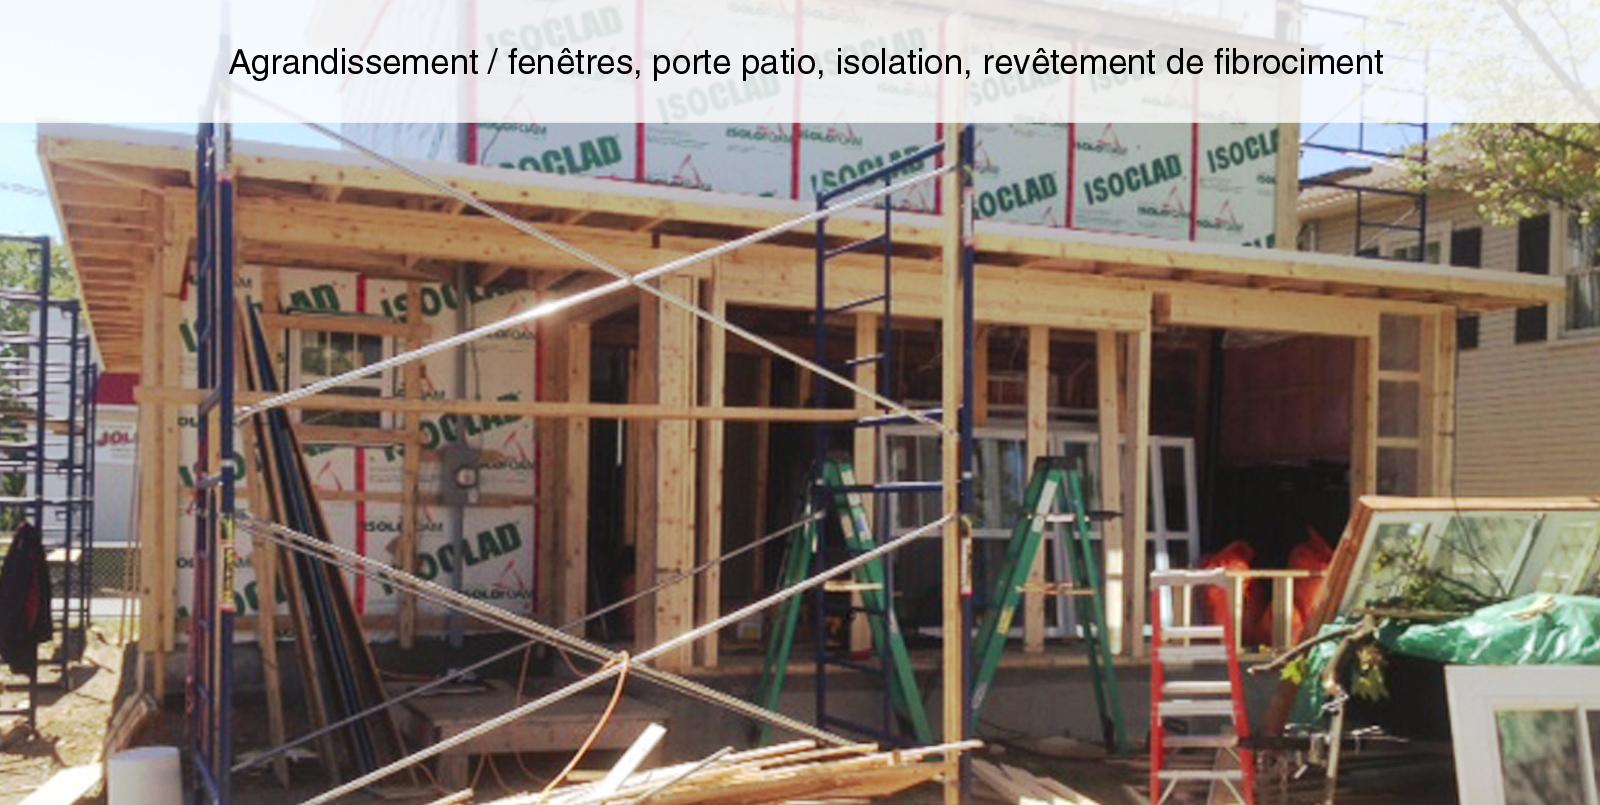 64-1-PANACHE-CONSTRUCTION-RENOVATION-AGRANDISSEMENT-FENETRE-ISOLATION-REVETEMENT